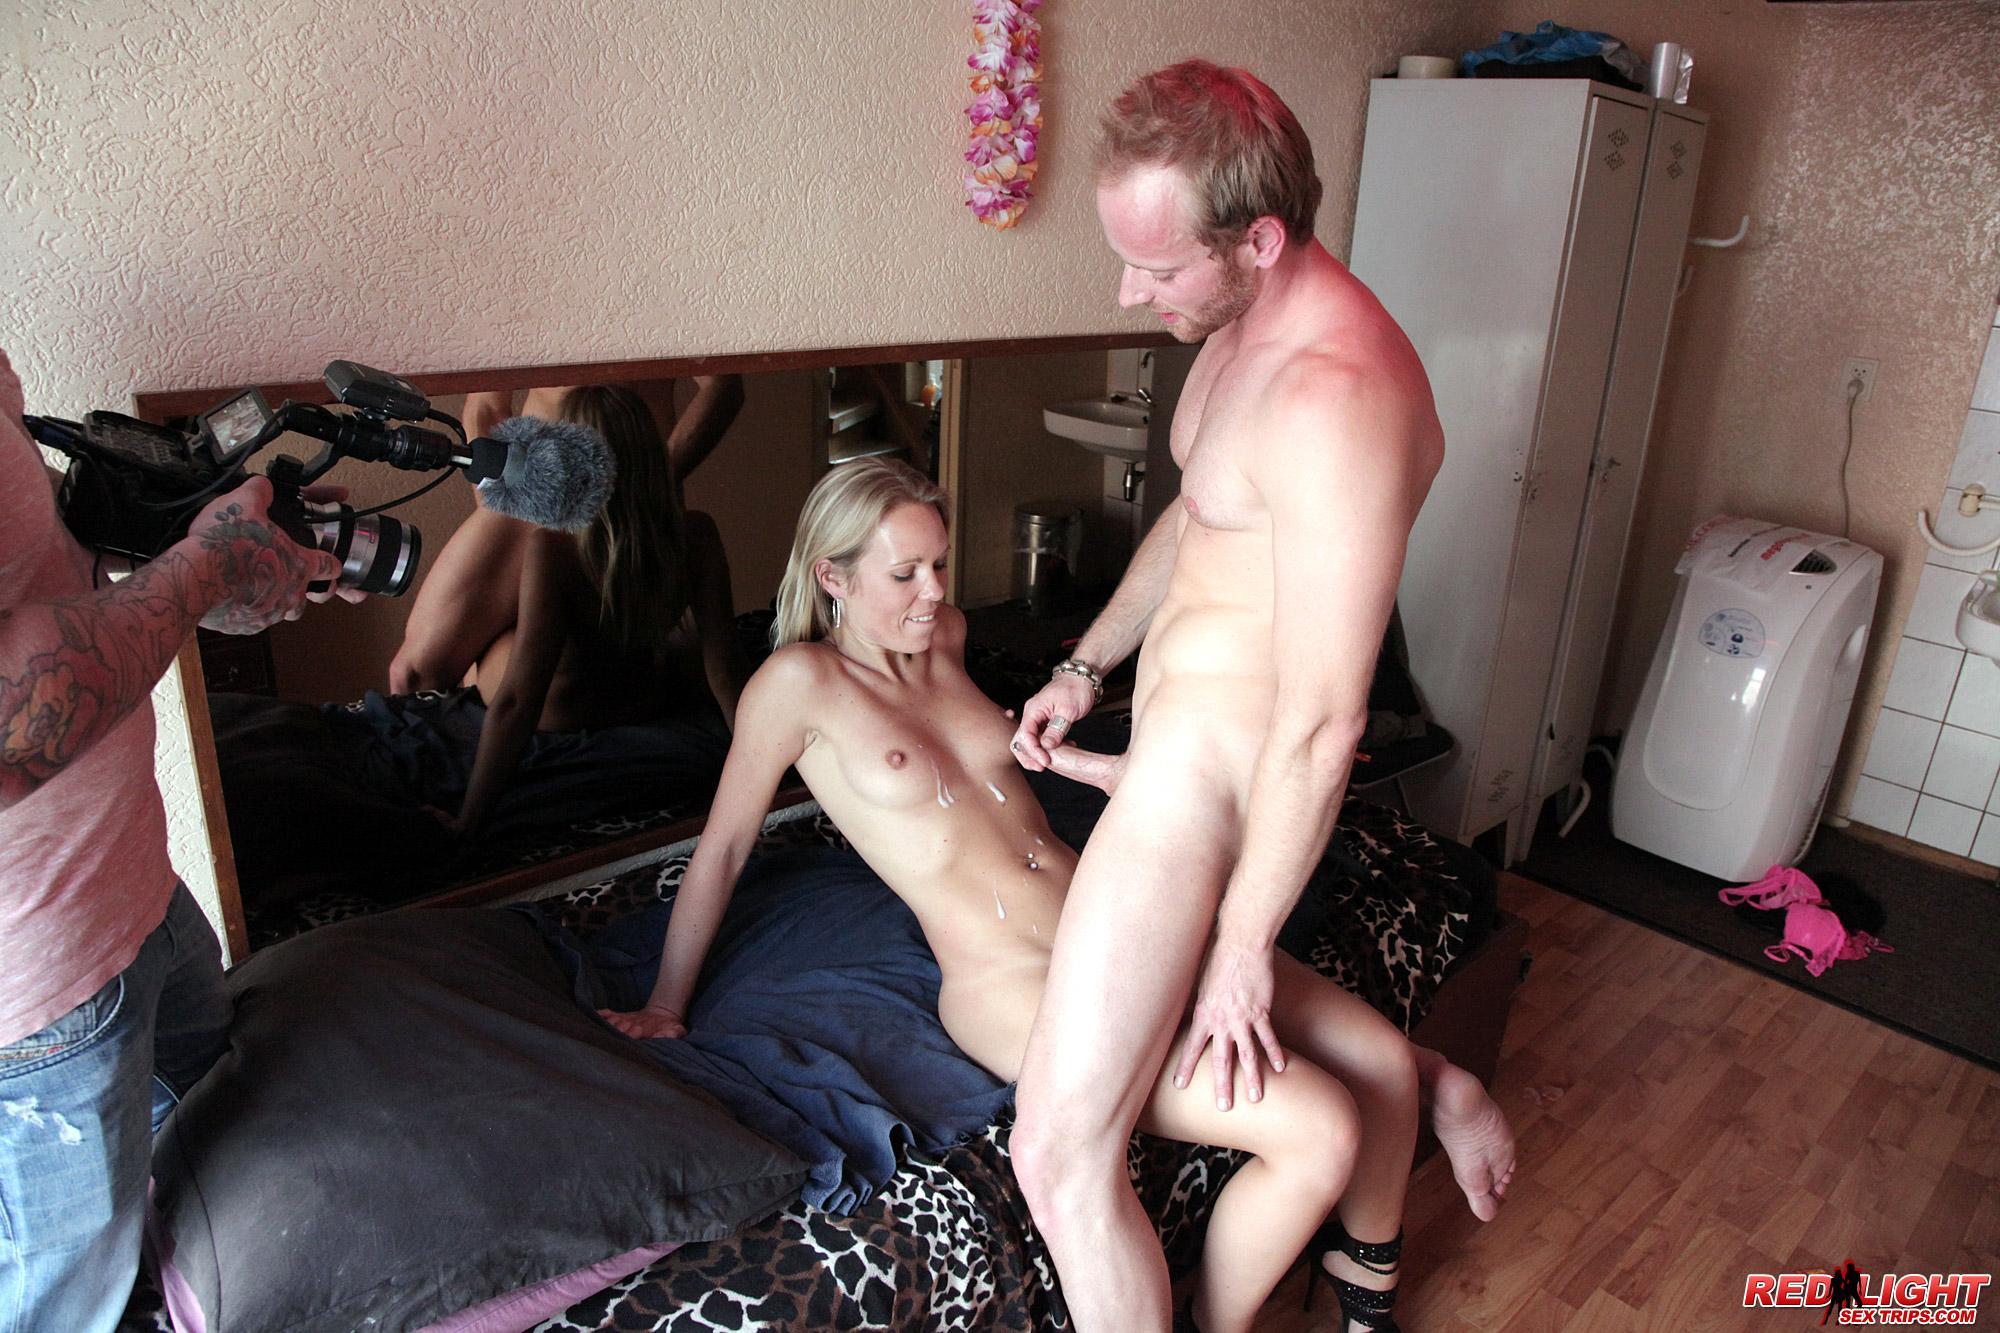 проститутками обслуживают клиентов дома